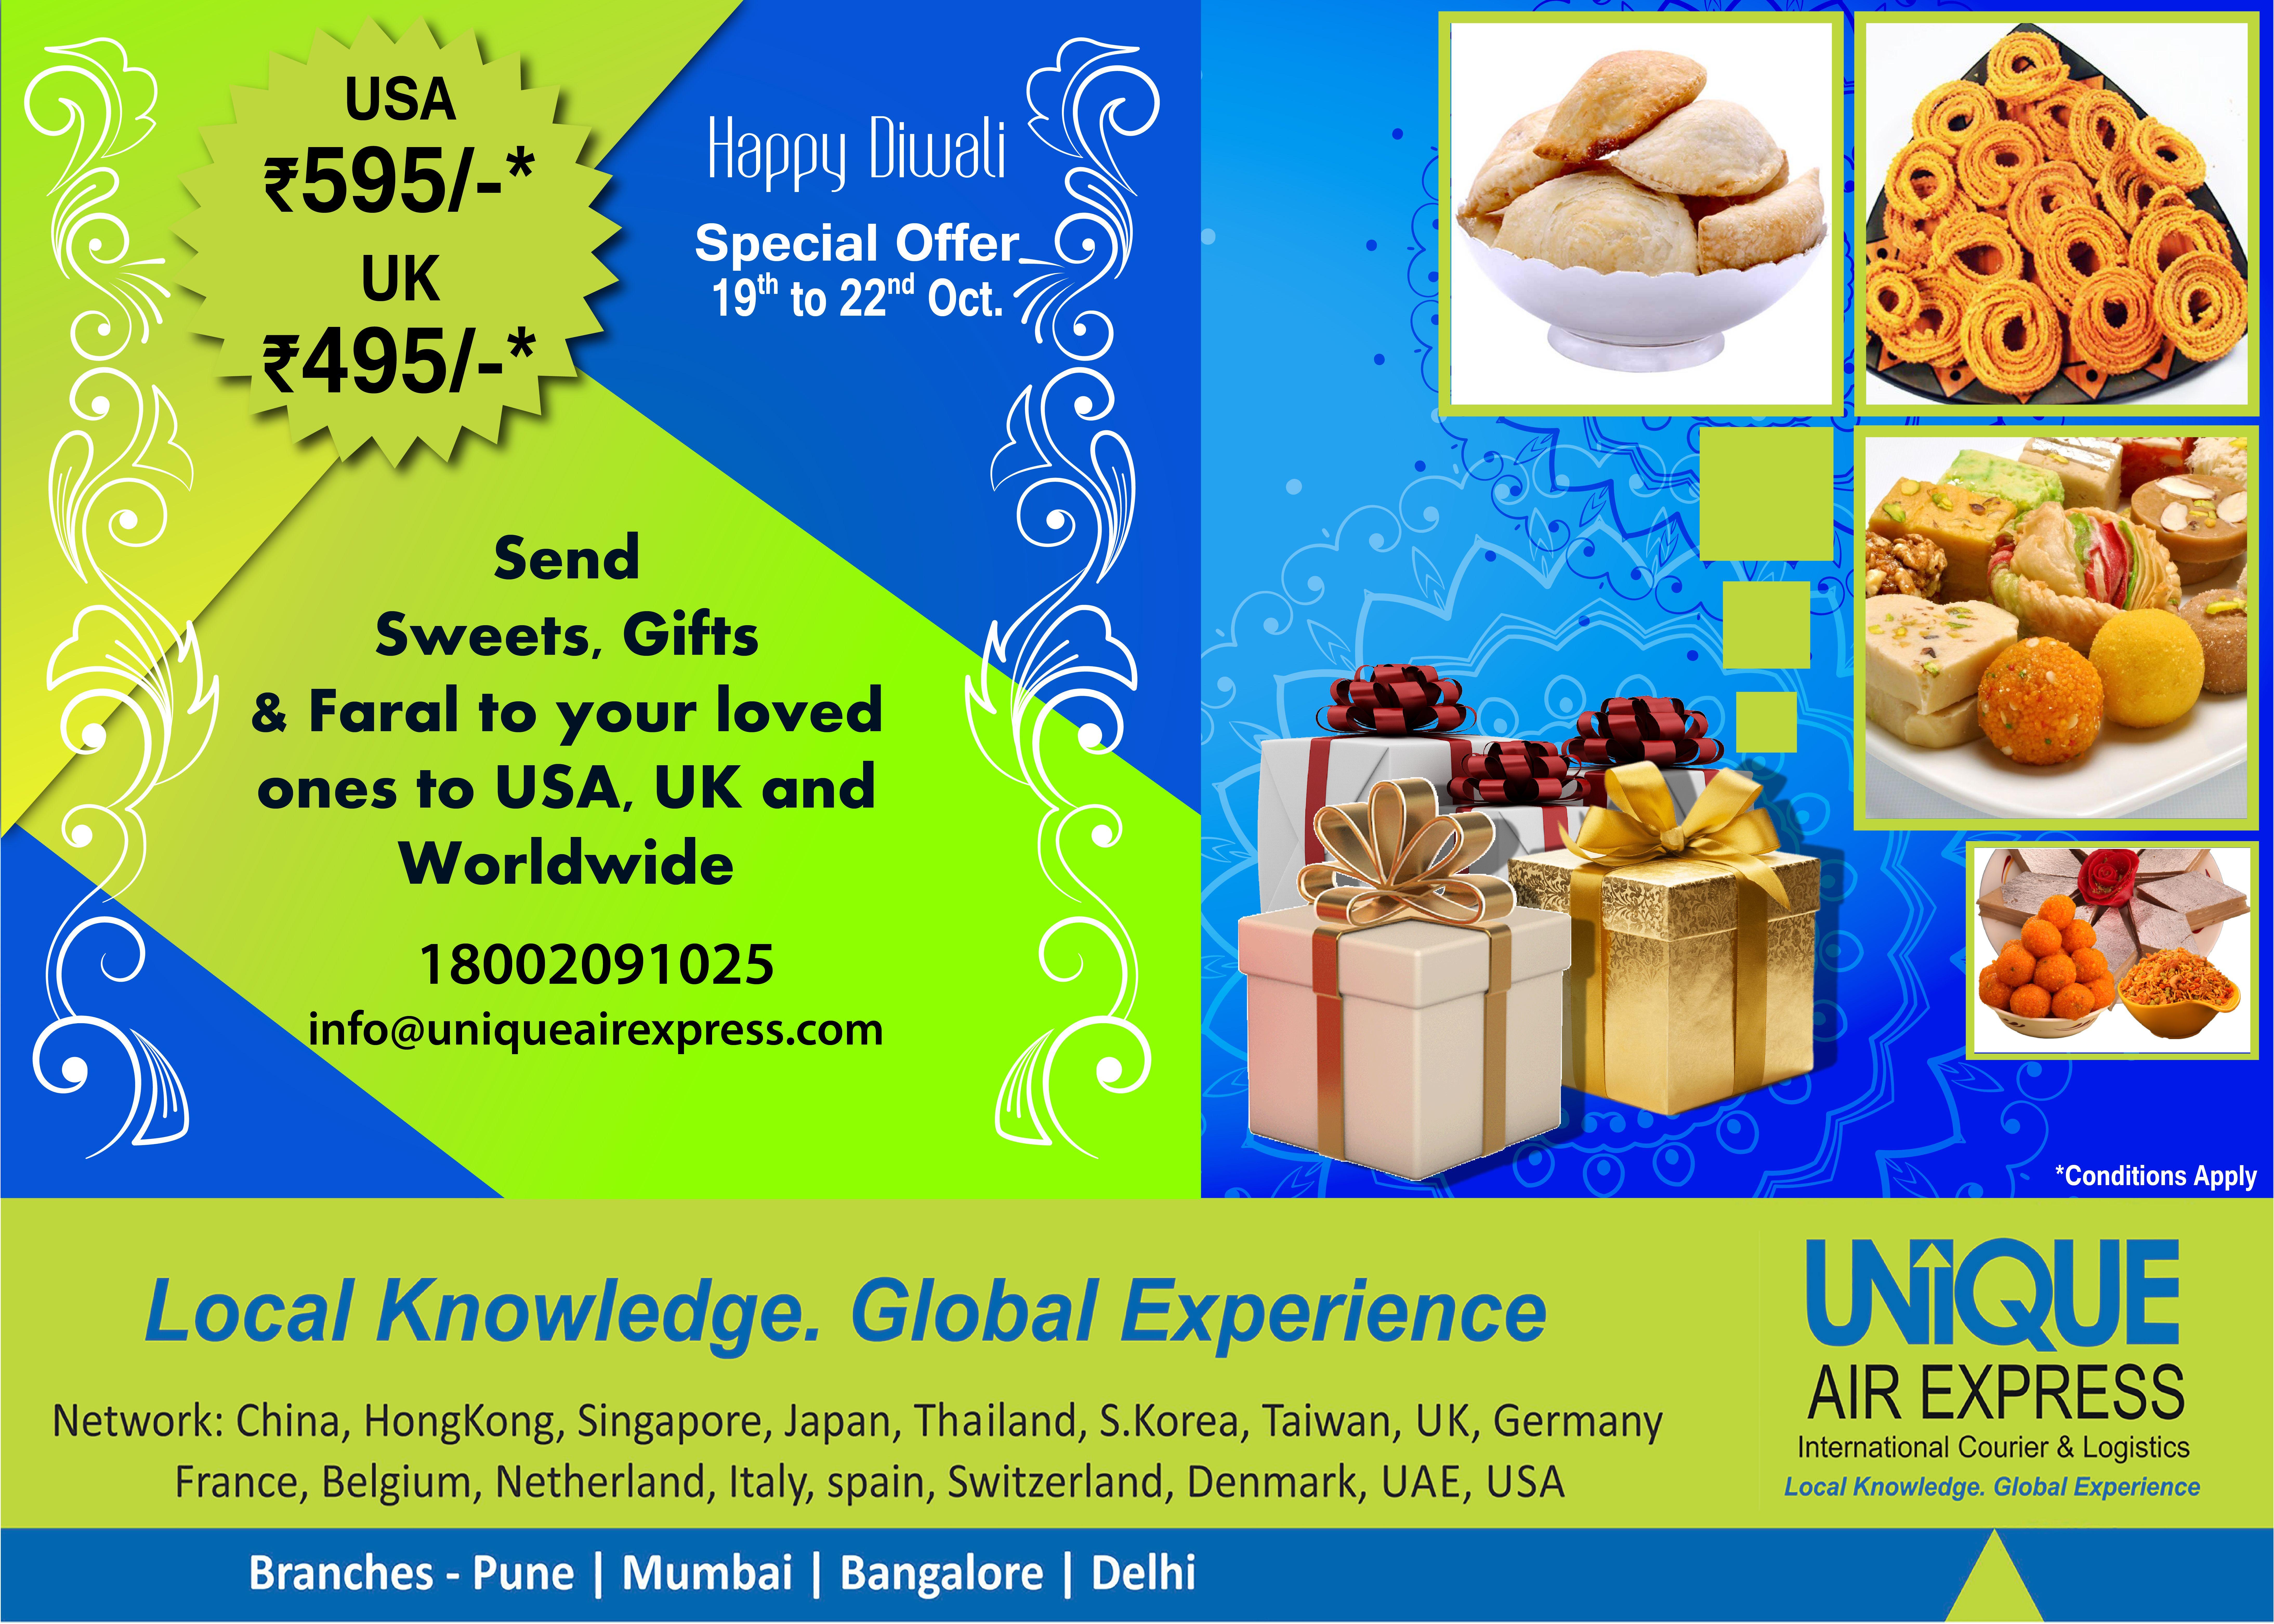 Special Offer just 5 days away! Sending Diwali Parcel